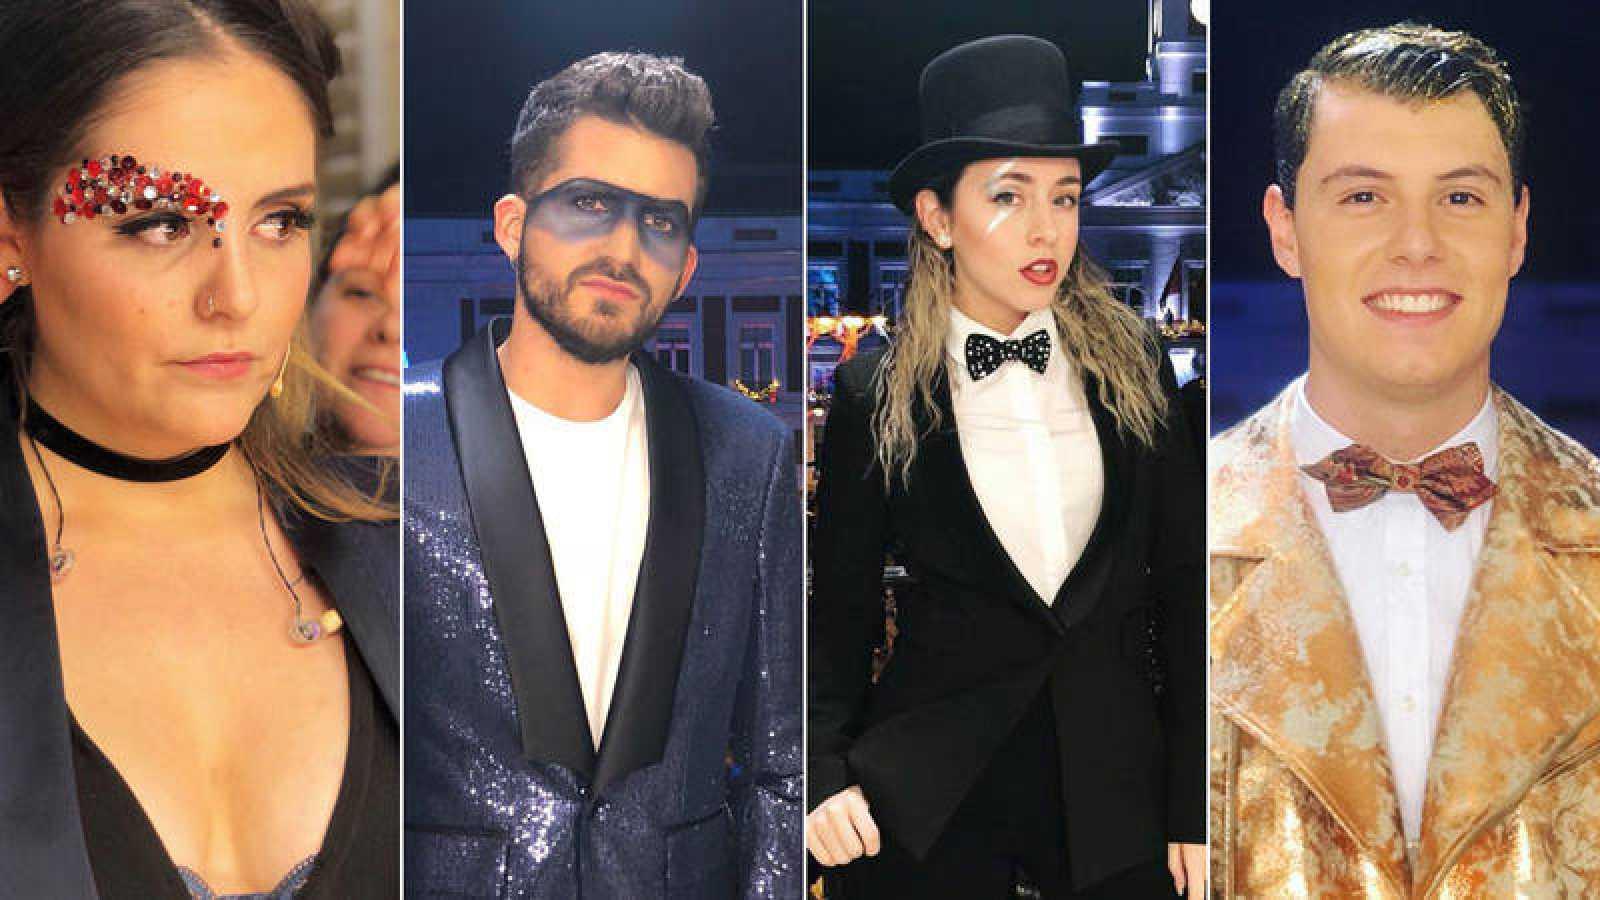 Andrea Compton, Kikillo, Miare y Stones, con sus 'outfit' de Campanadas